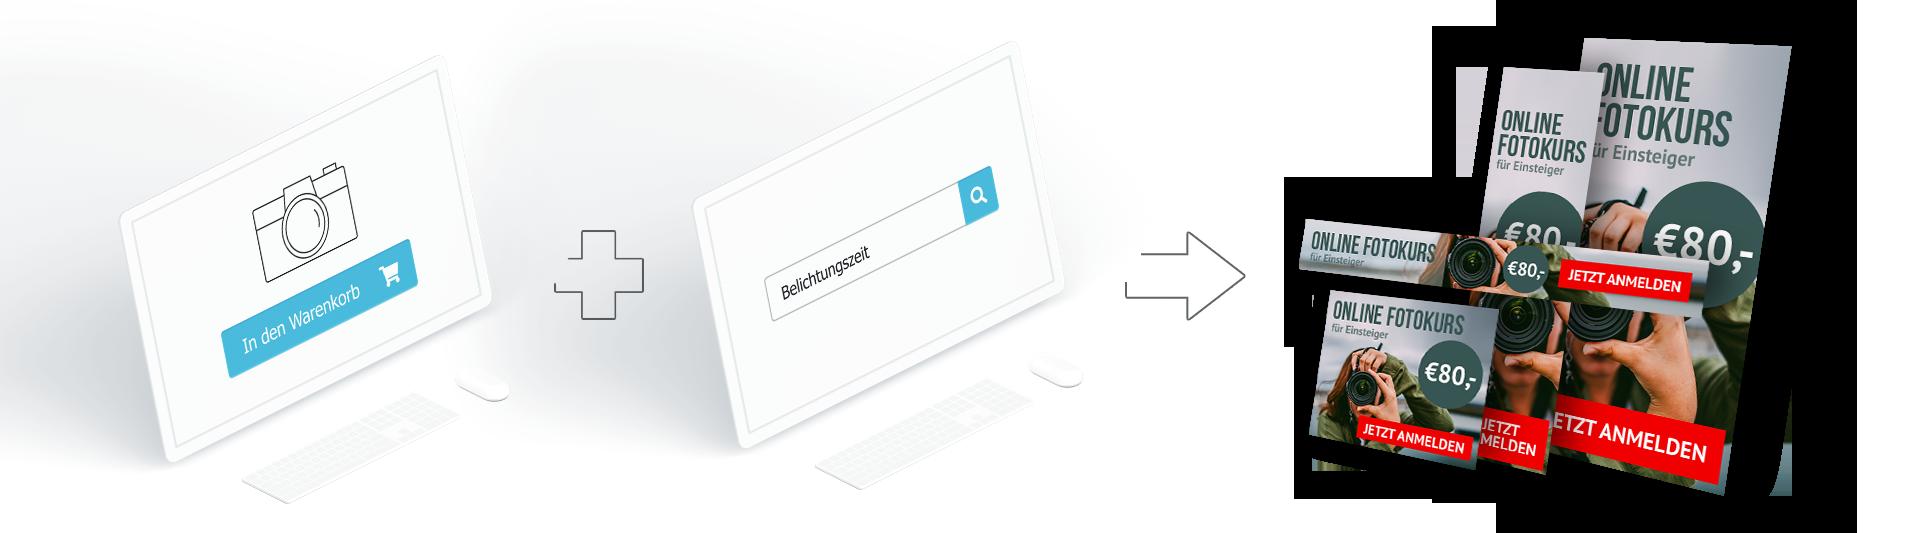 Beispiel für Programmatic Advertising anhand eines Anbieters für Online-Kurse